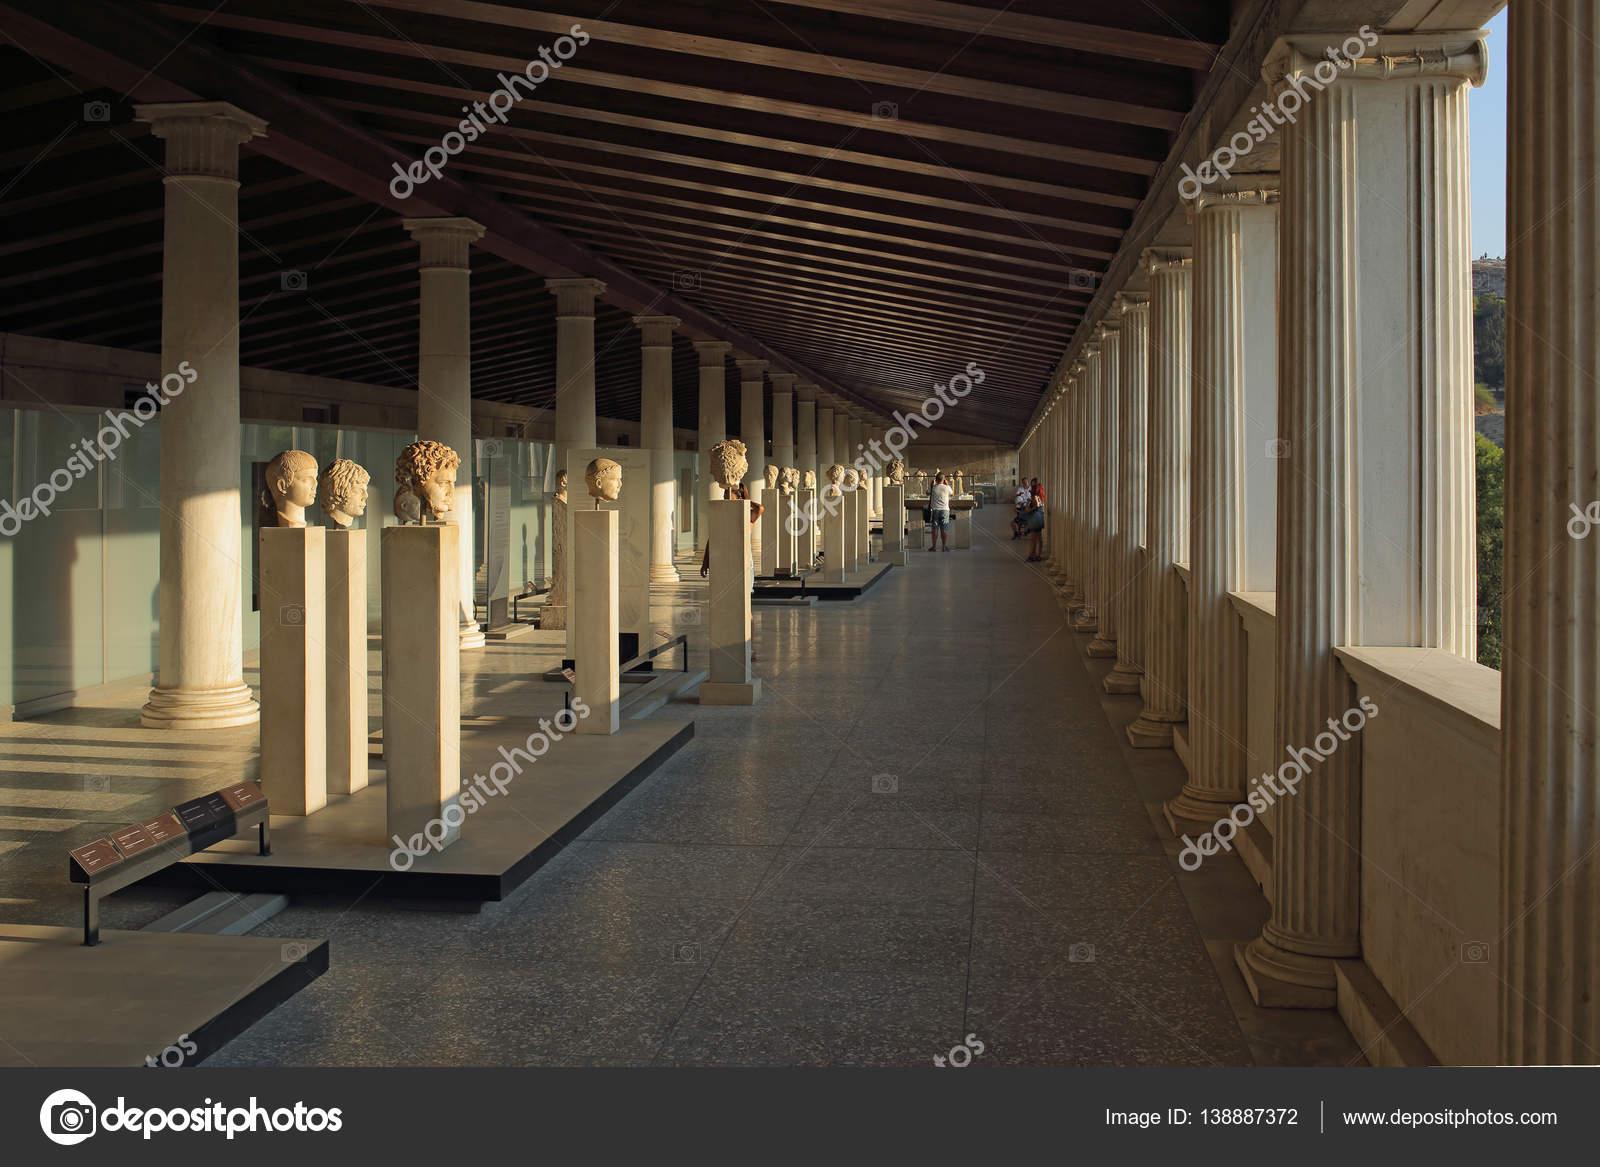 STOA des Attalos (Portikus) in antike Agora, Athen, Griechenland ...